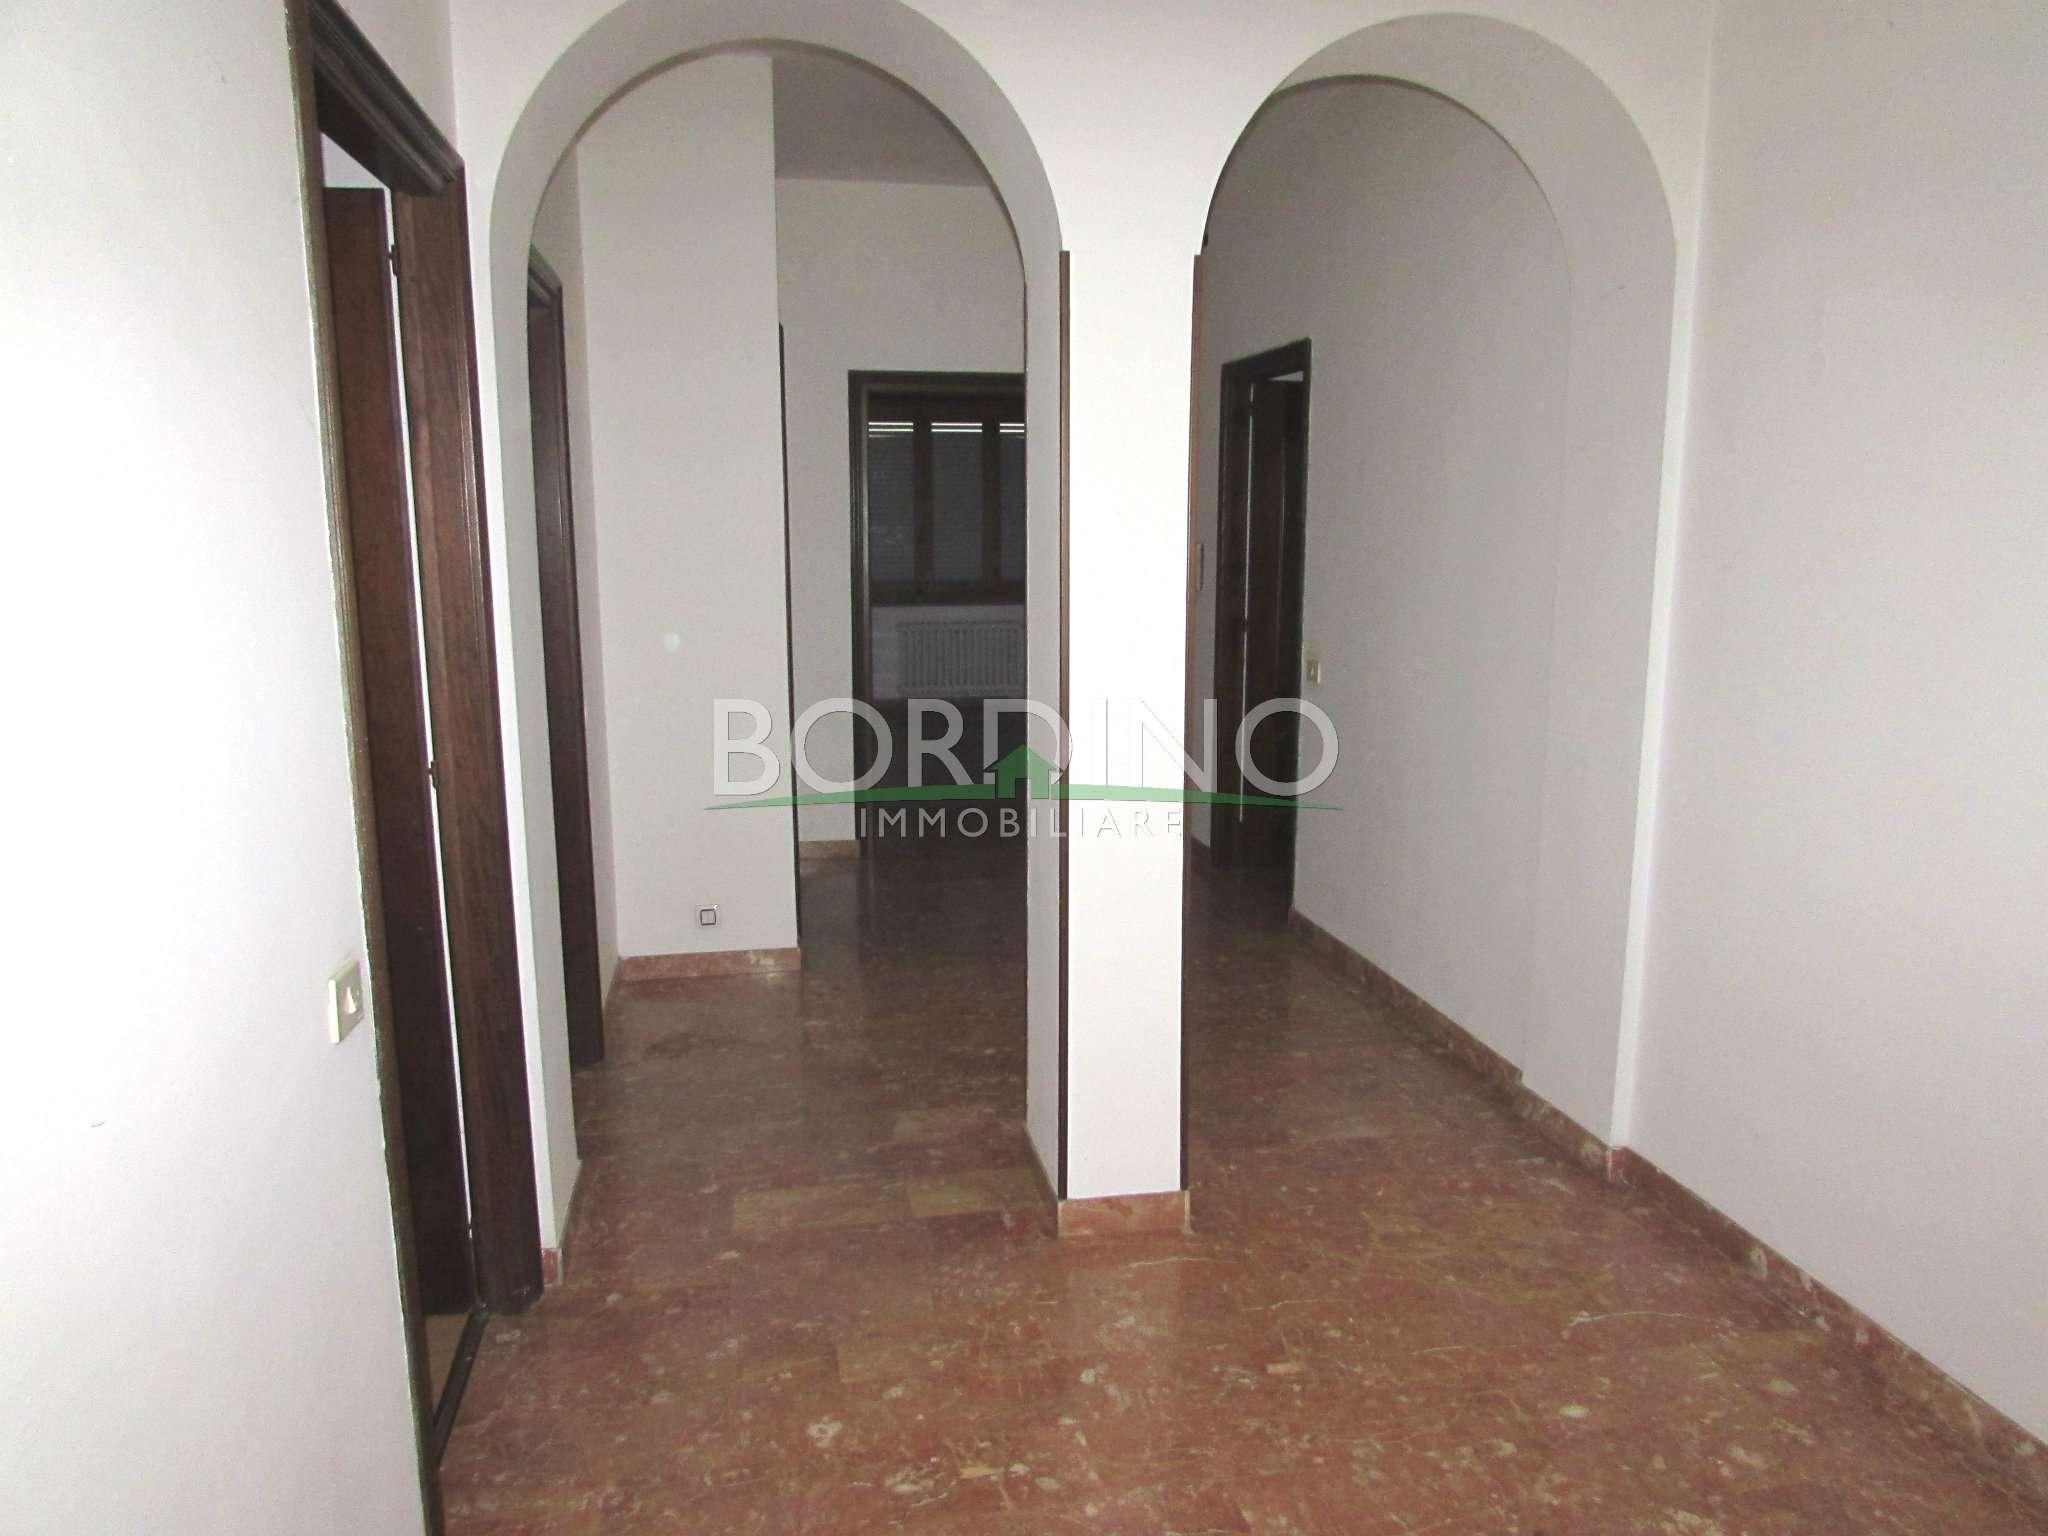 Appartamento in affitto a Priocca, 4 locali, prezzo € 350 | CambioCasa.it